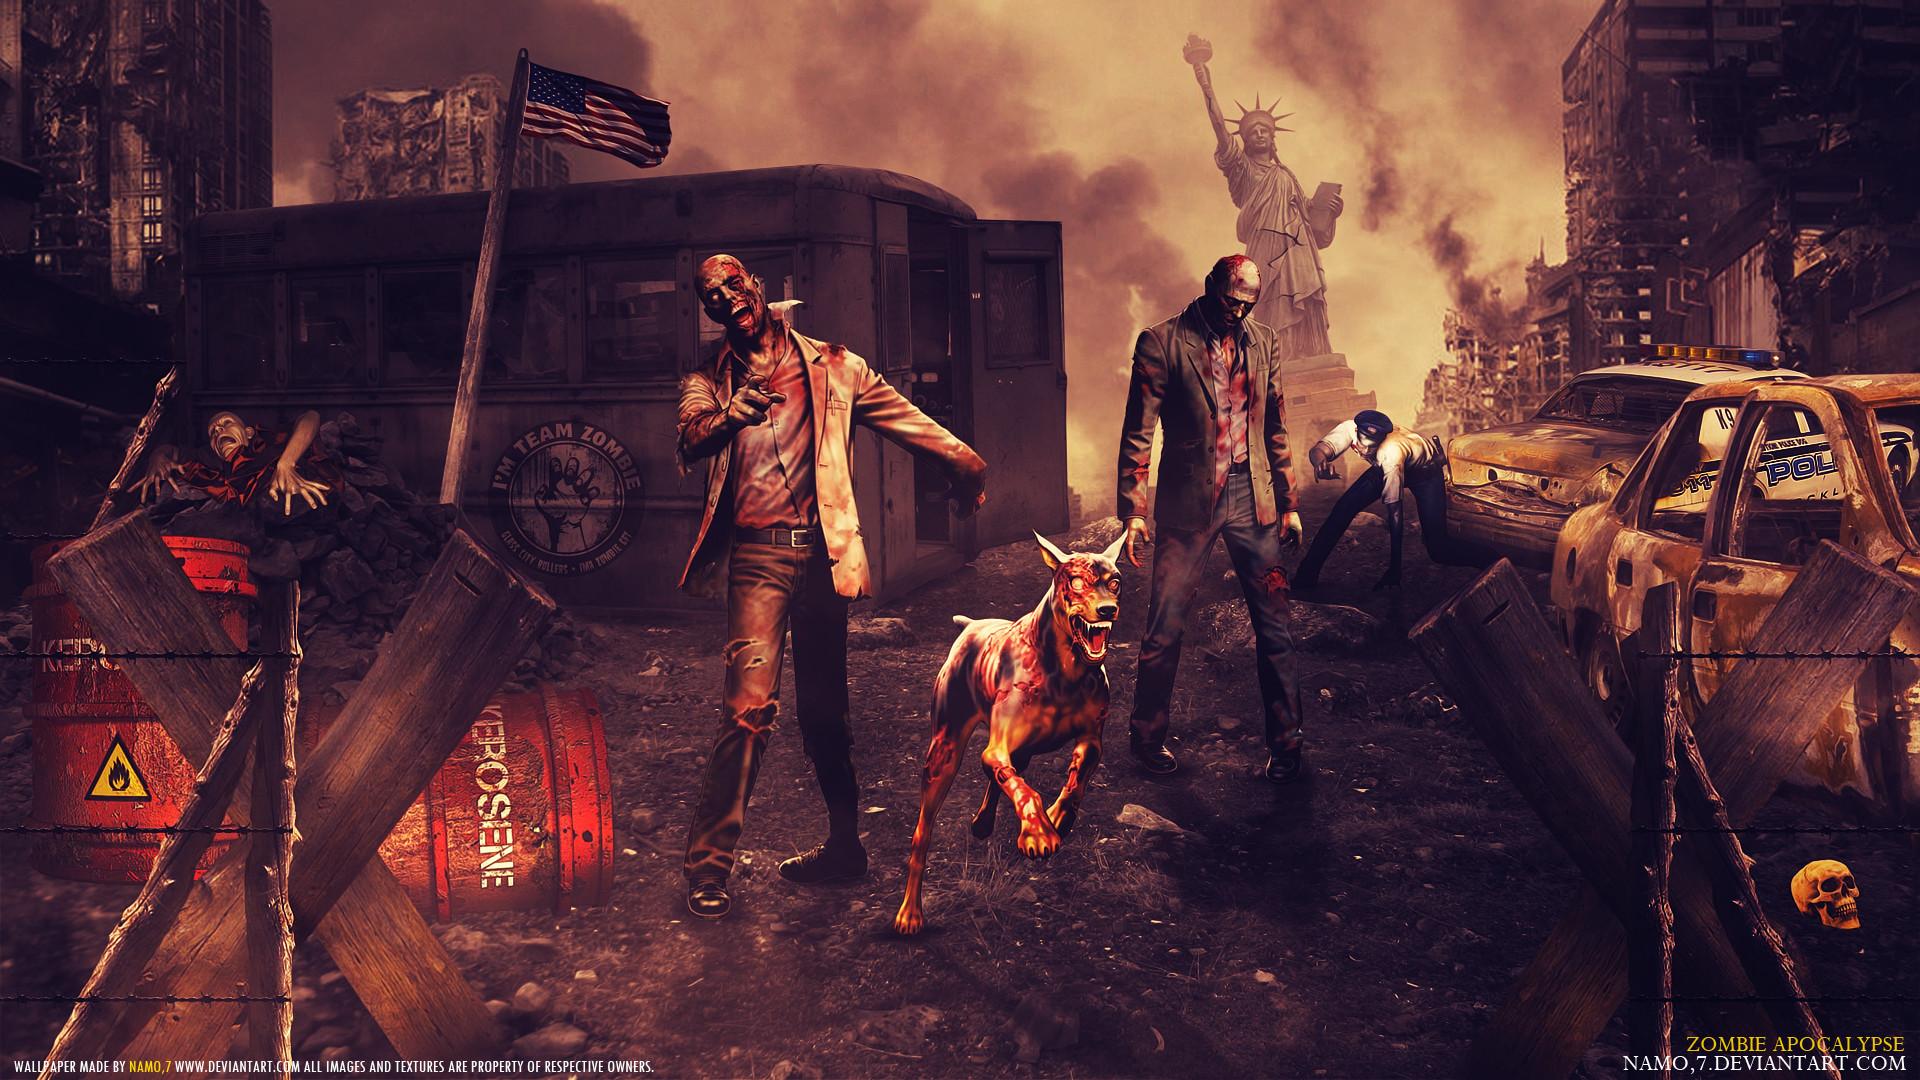 … 8800 Zombie Apocalypse by namo,7 by 445578gfx